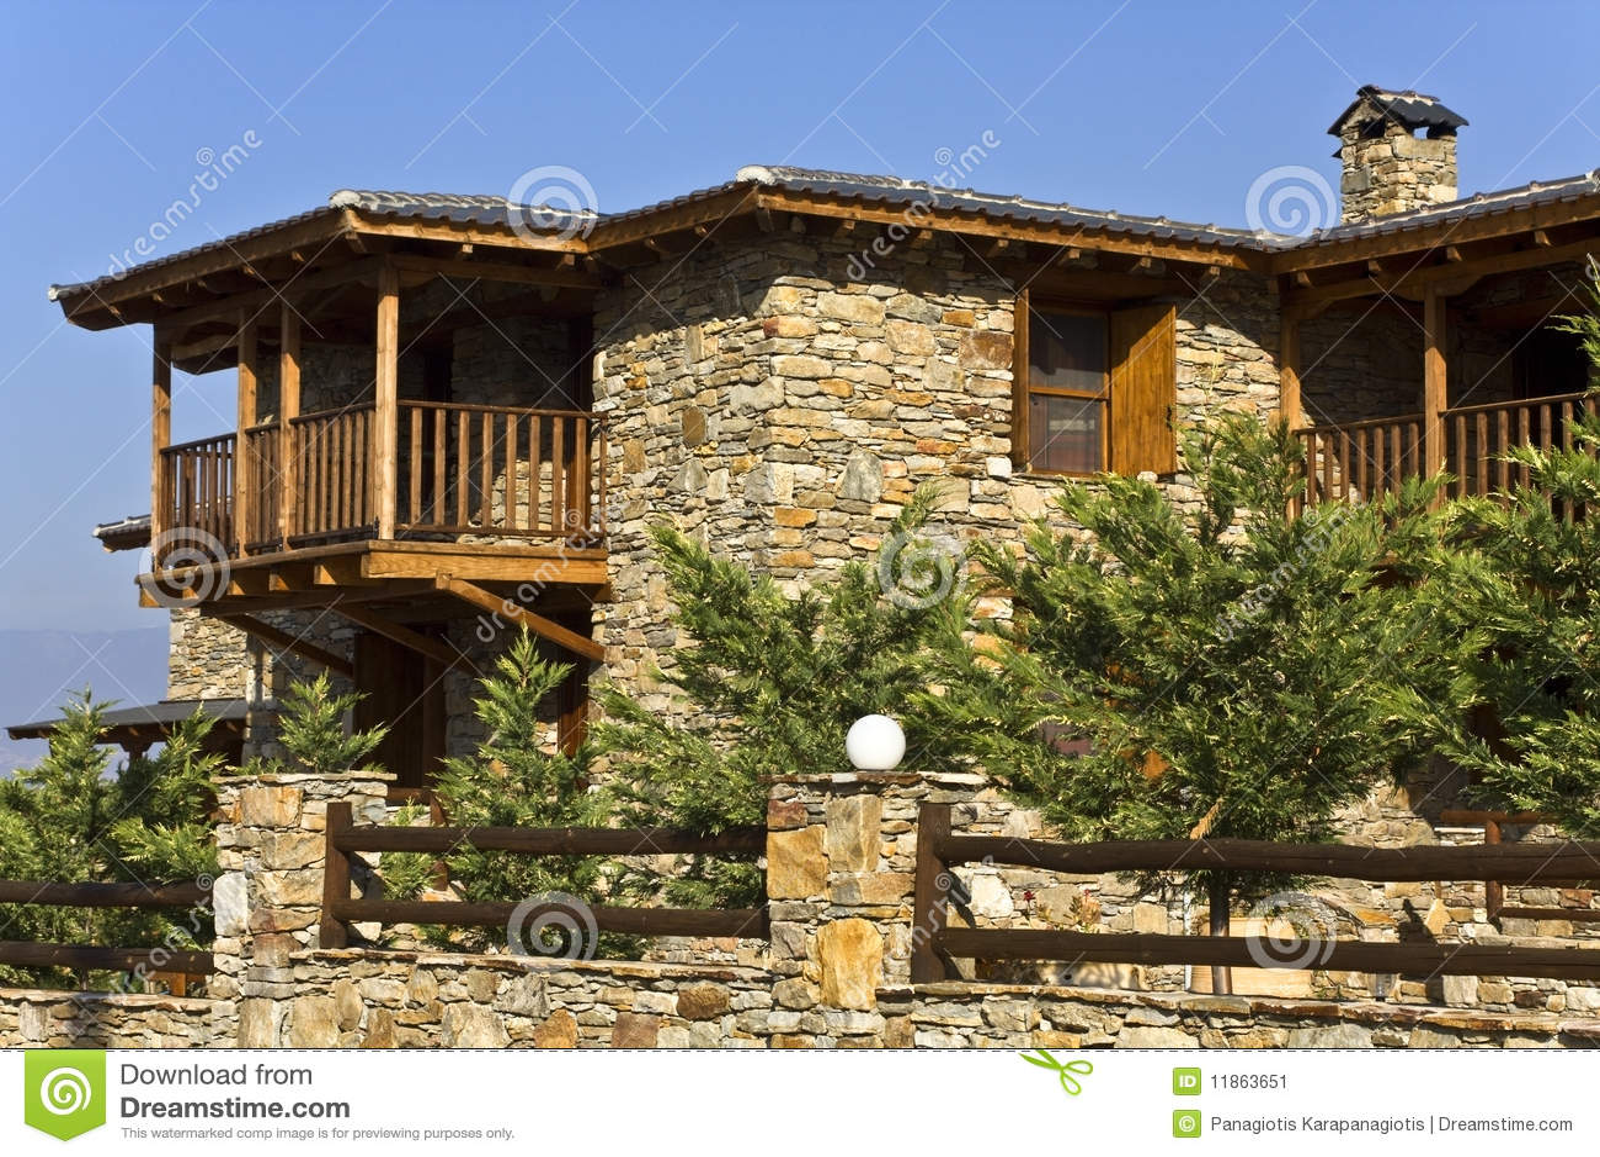 Vecchia casa tradizionale di pietra della campagna for Piani di casa artigiano tradizionale